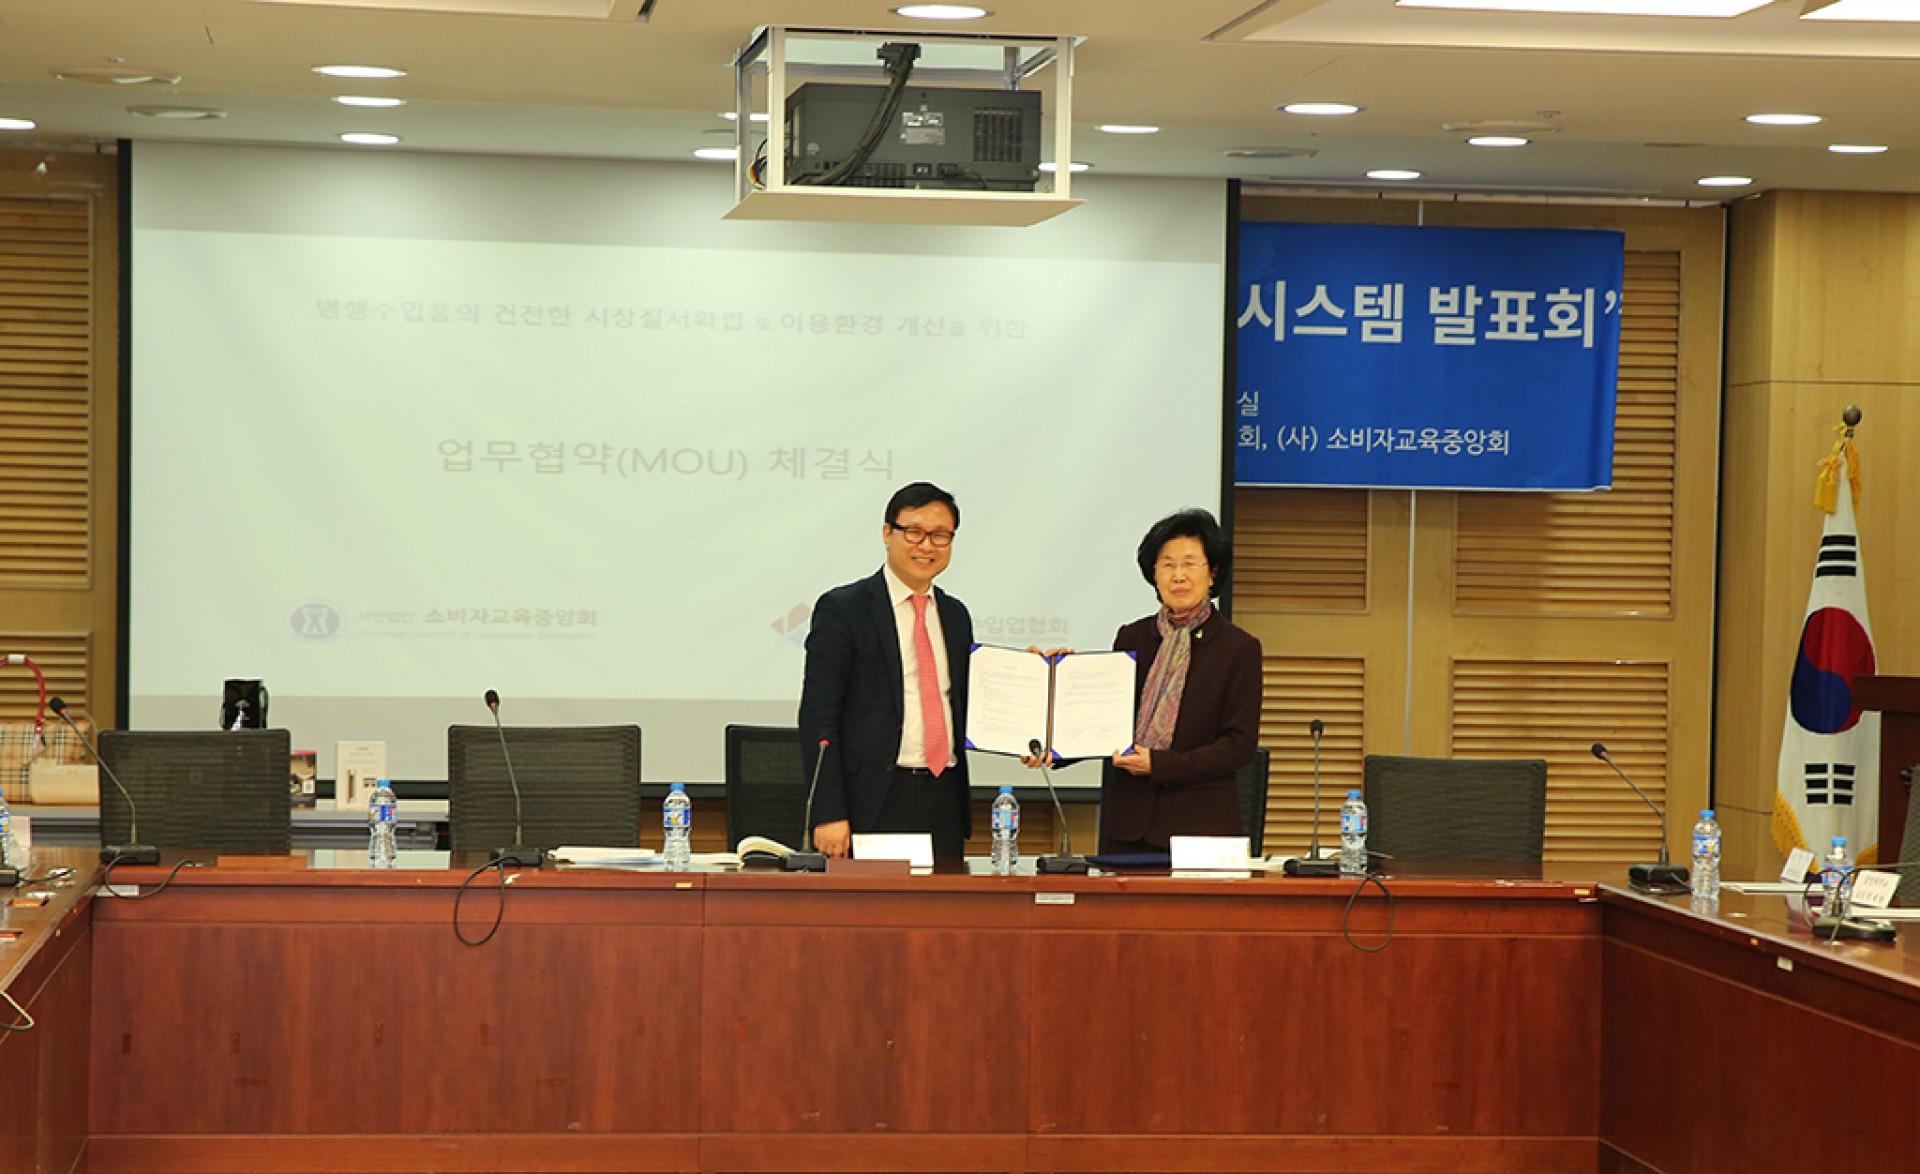 업무협약 (소비자교육중앙회,한국병행수입업협회)